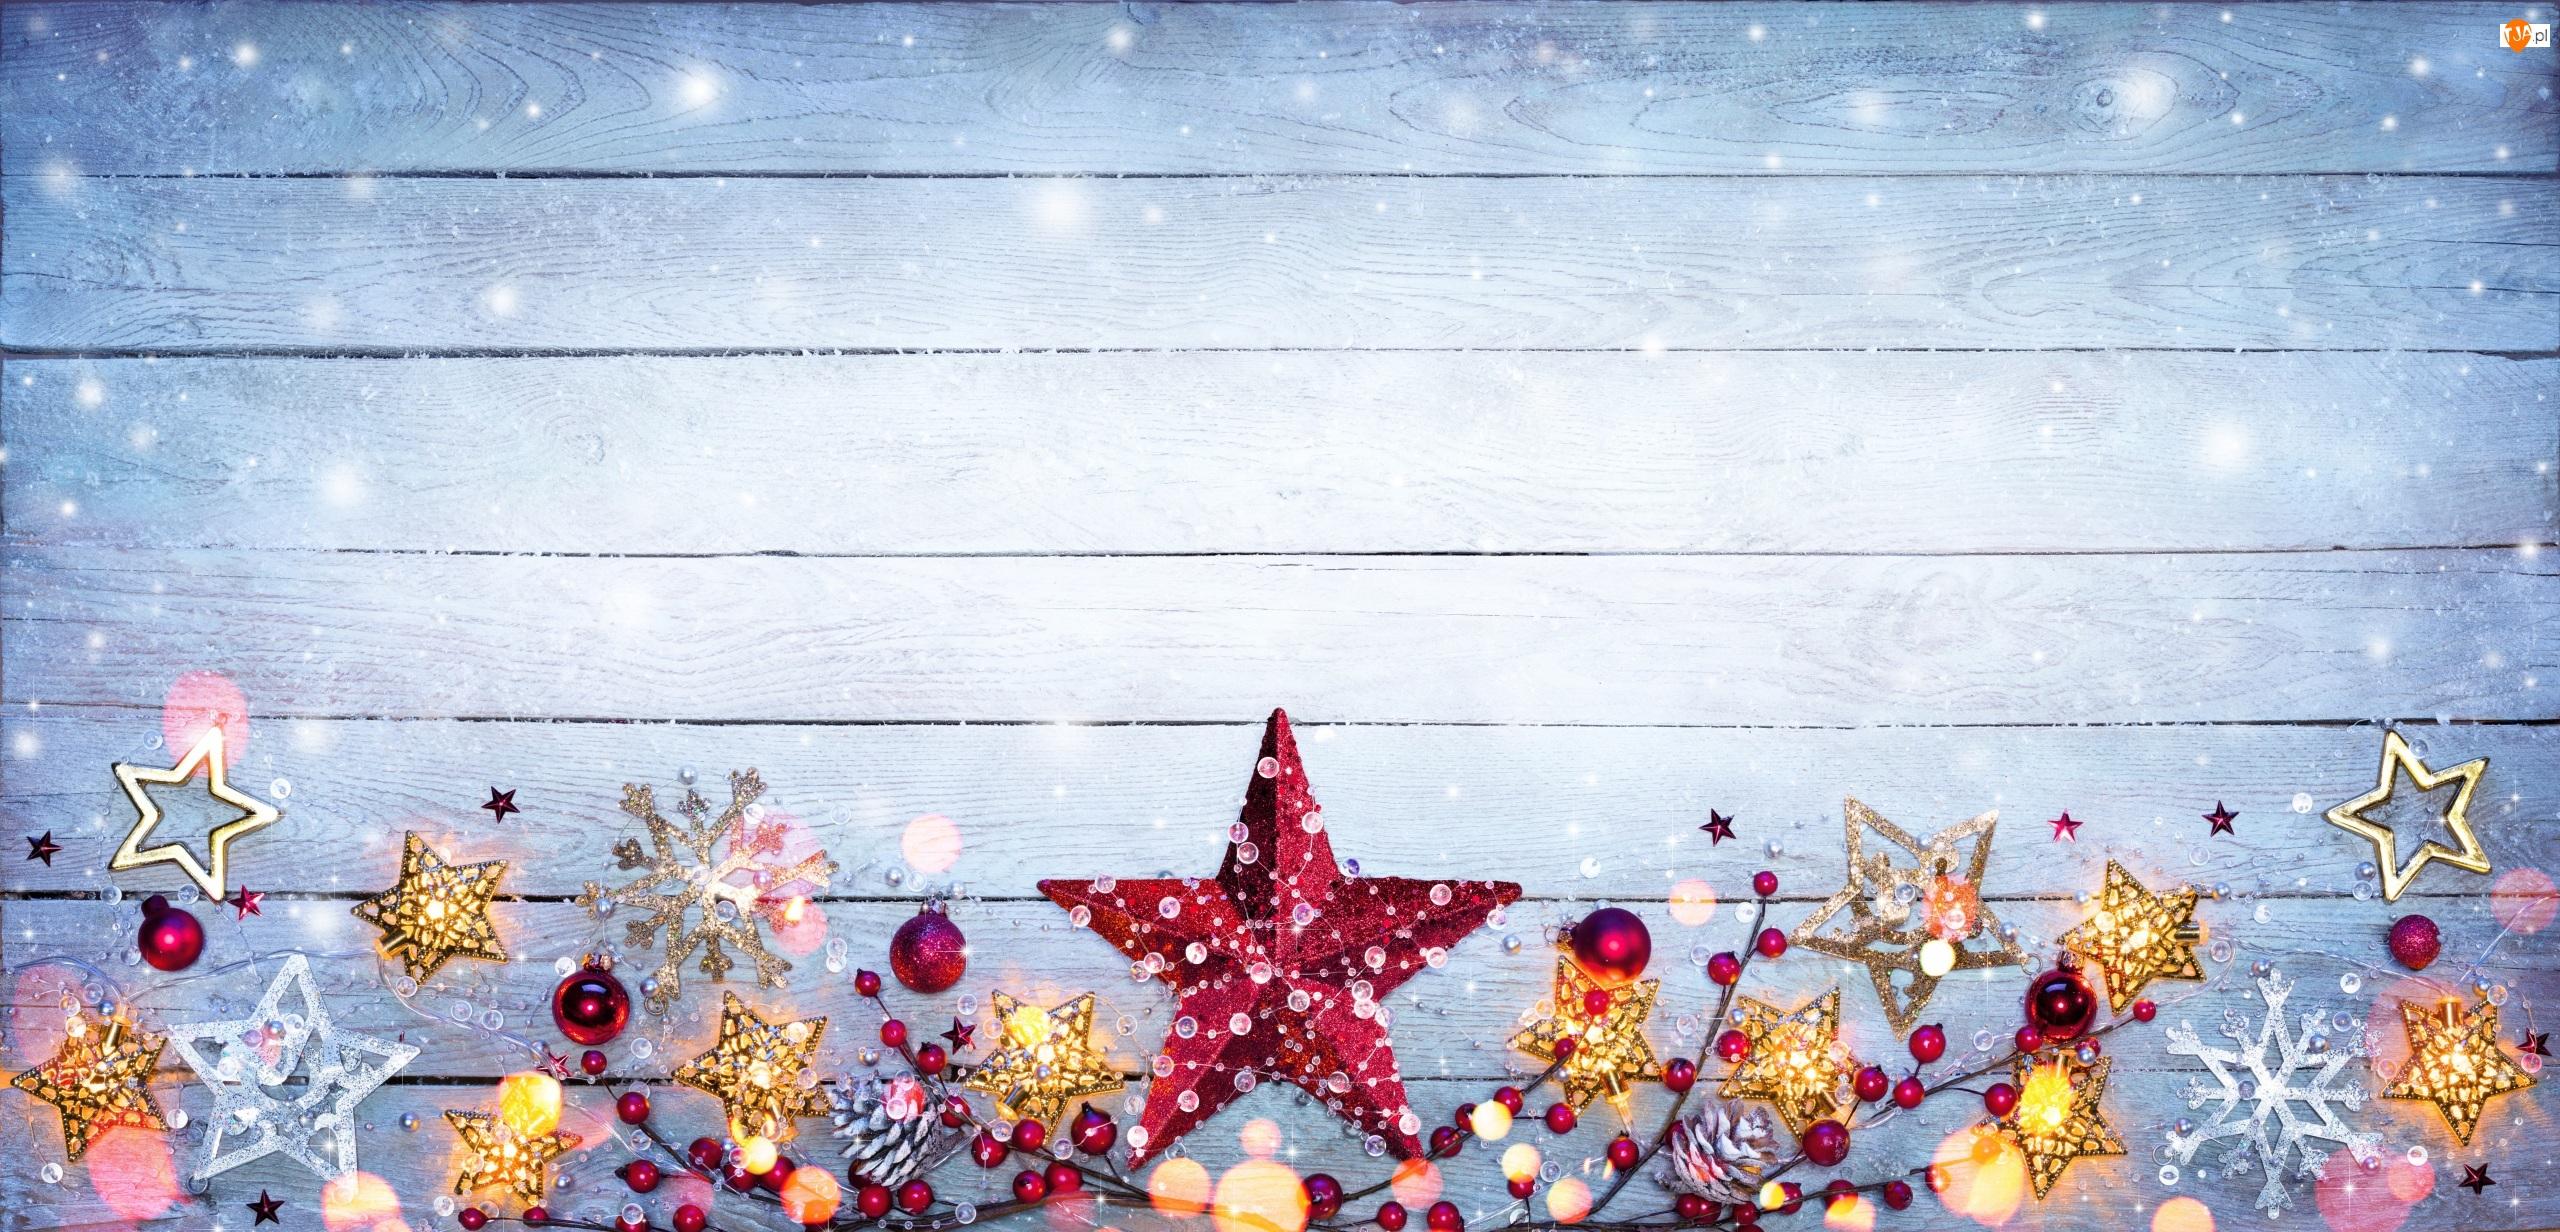 Gwiazdki, Kompozycja, Światełka, Boże Narodzenie, Bombki